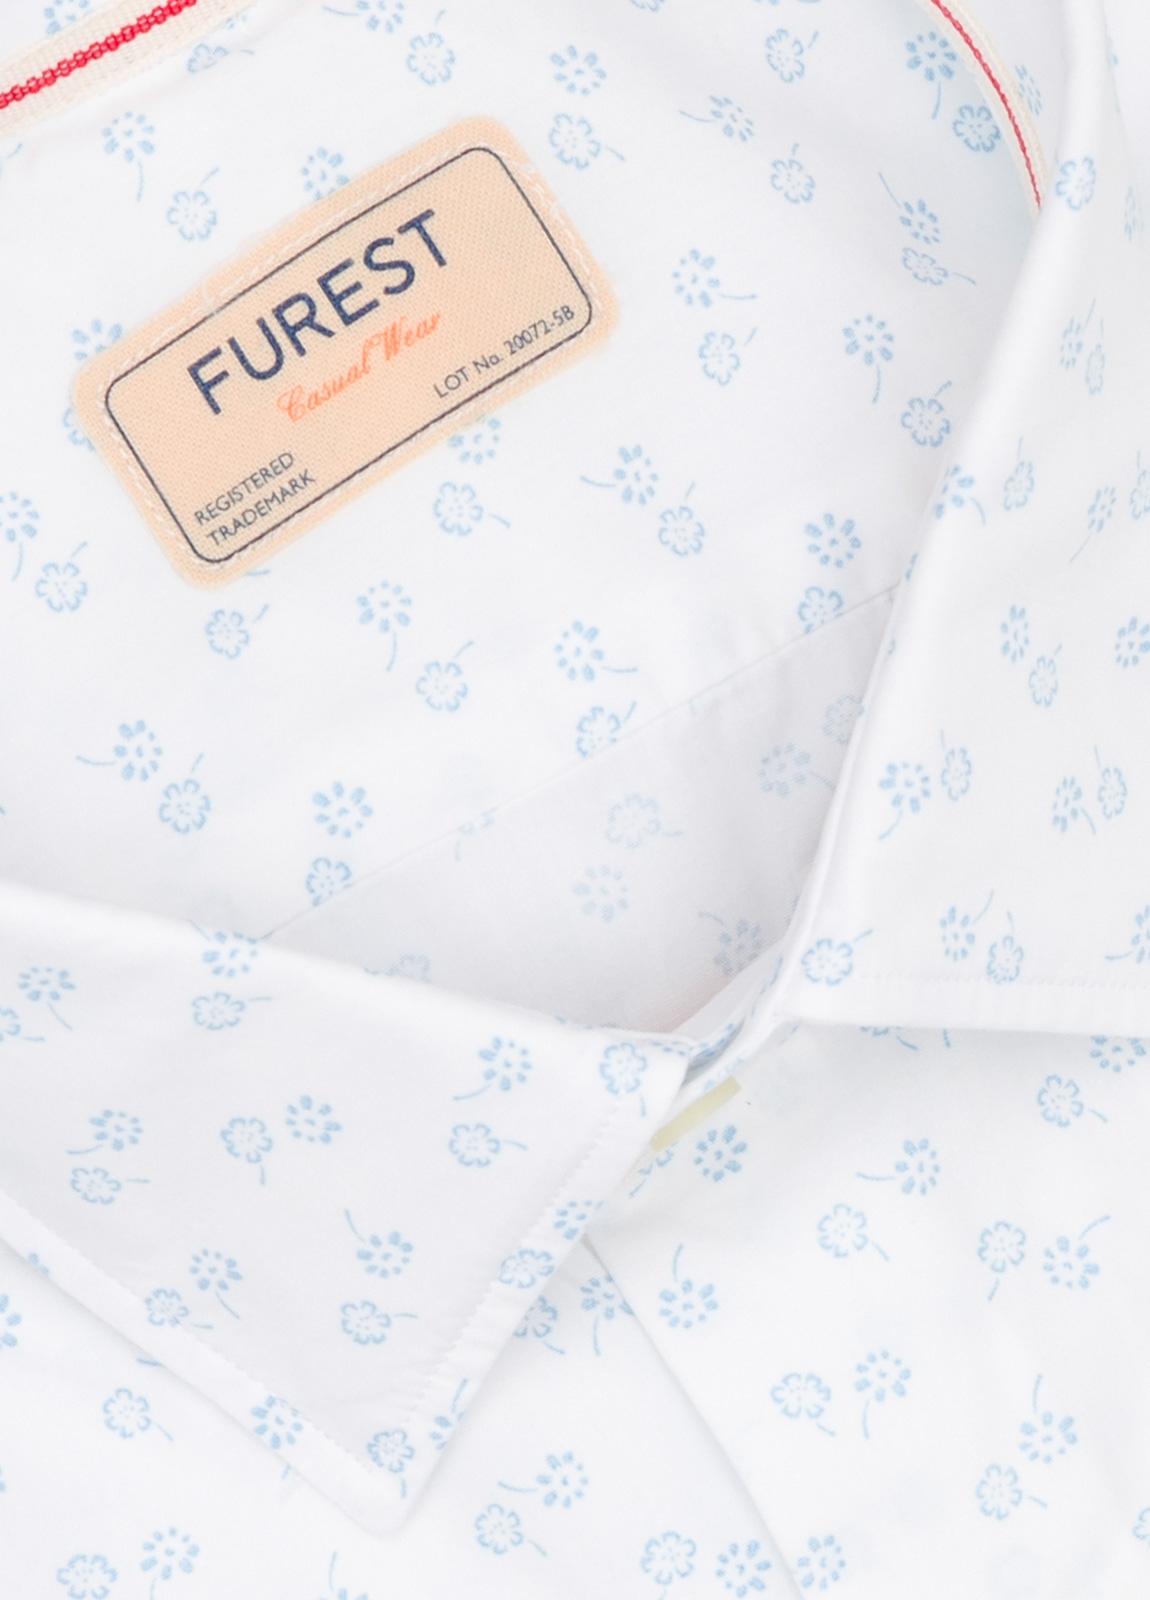 Camisa Casual Wear SLIM FIT Modelo PORTO estampado floral color blanco. 100% Algodón. - Ítem1